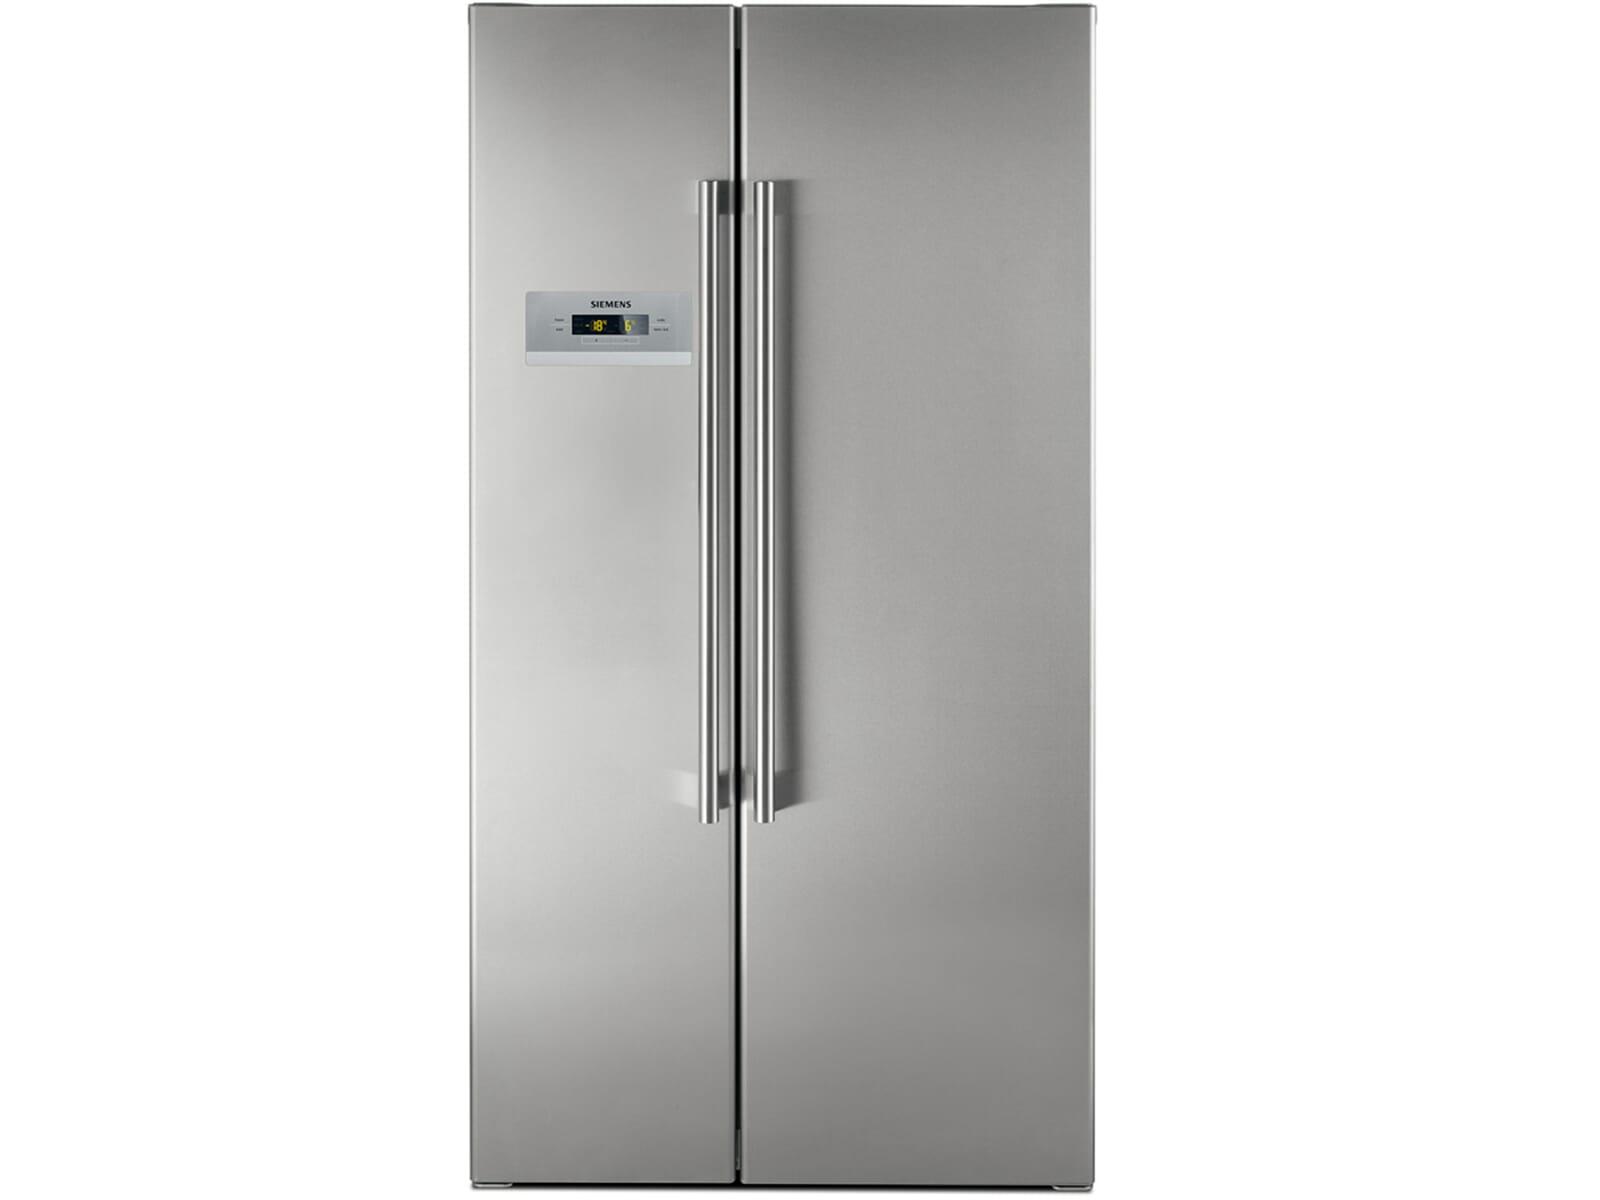 Kühlschrank Mit Aufbau : Aufbau kühlschrank küche aufbauservice kosten wandbilder küche